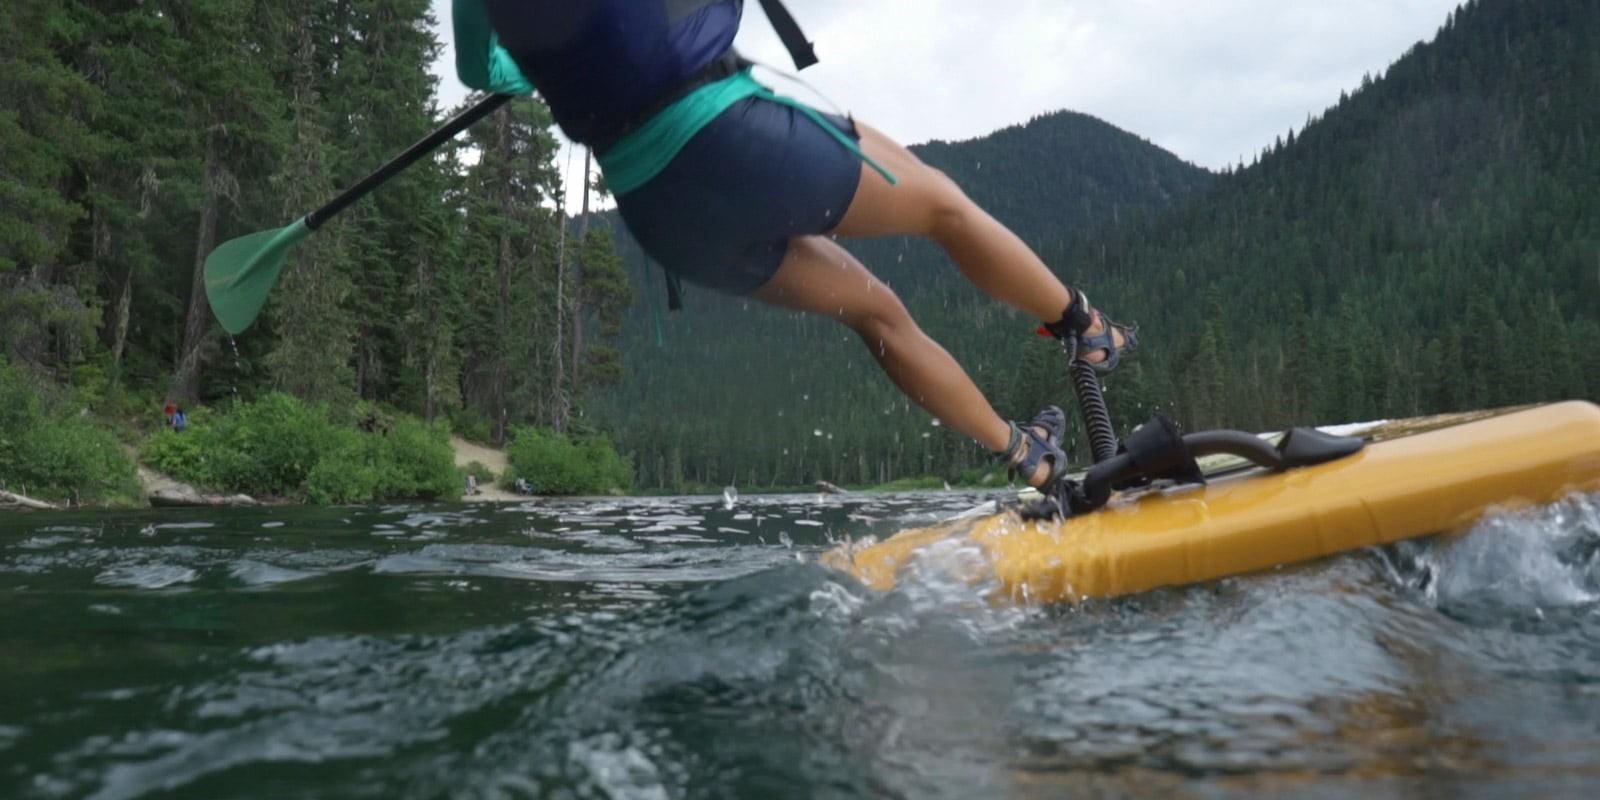 Paddle-board-falling